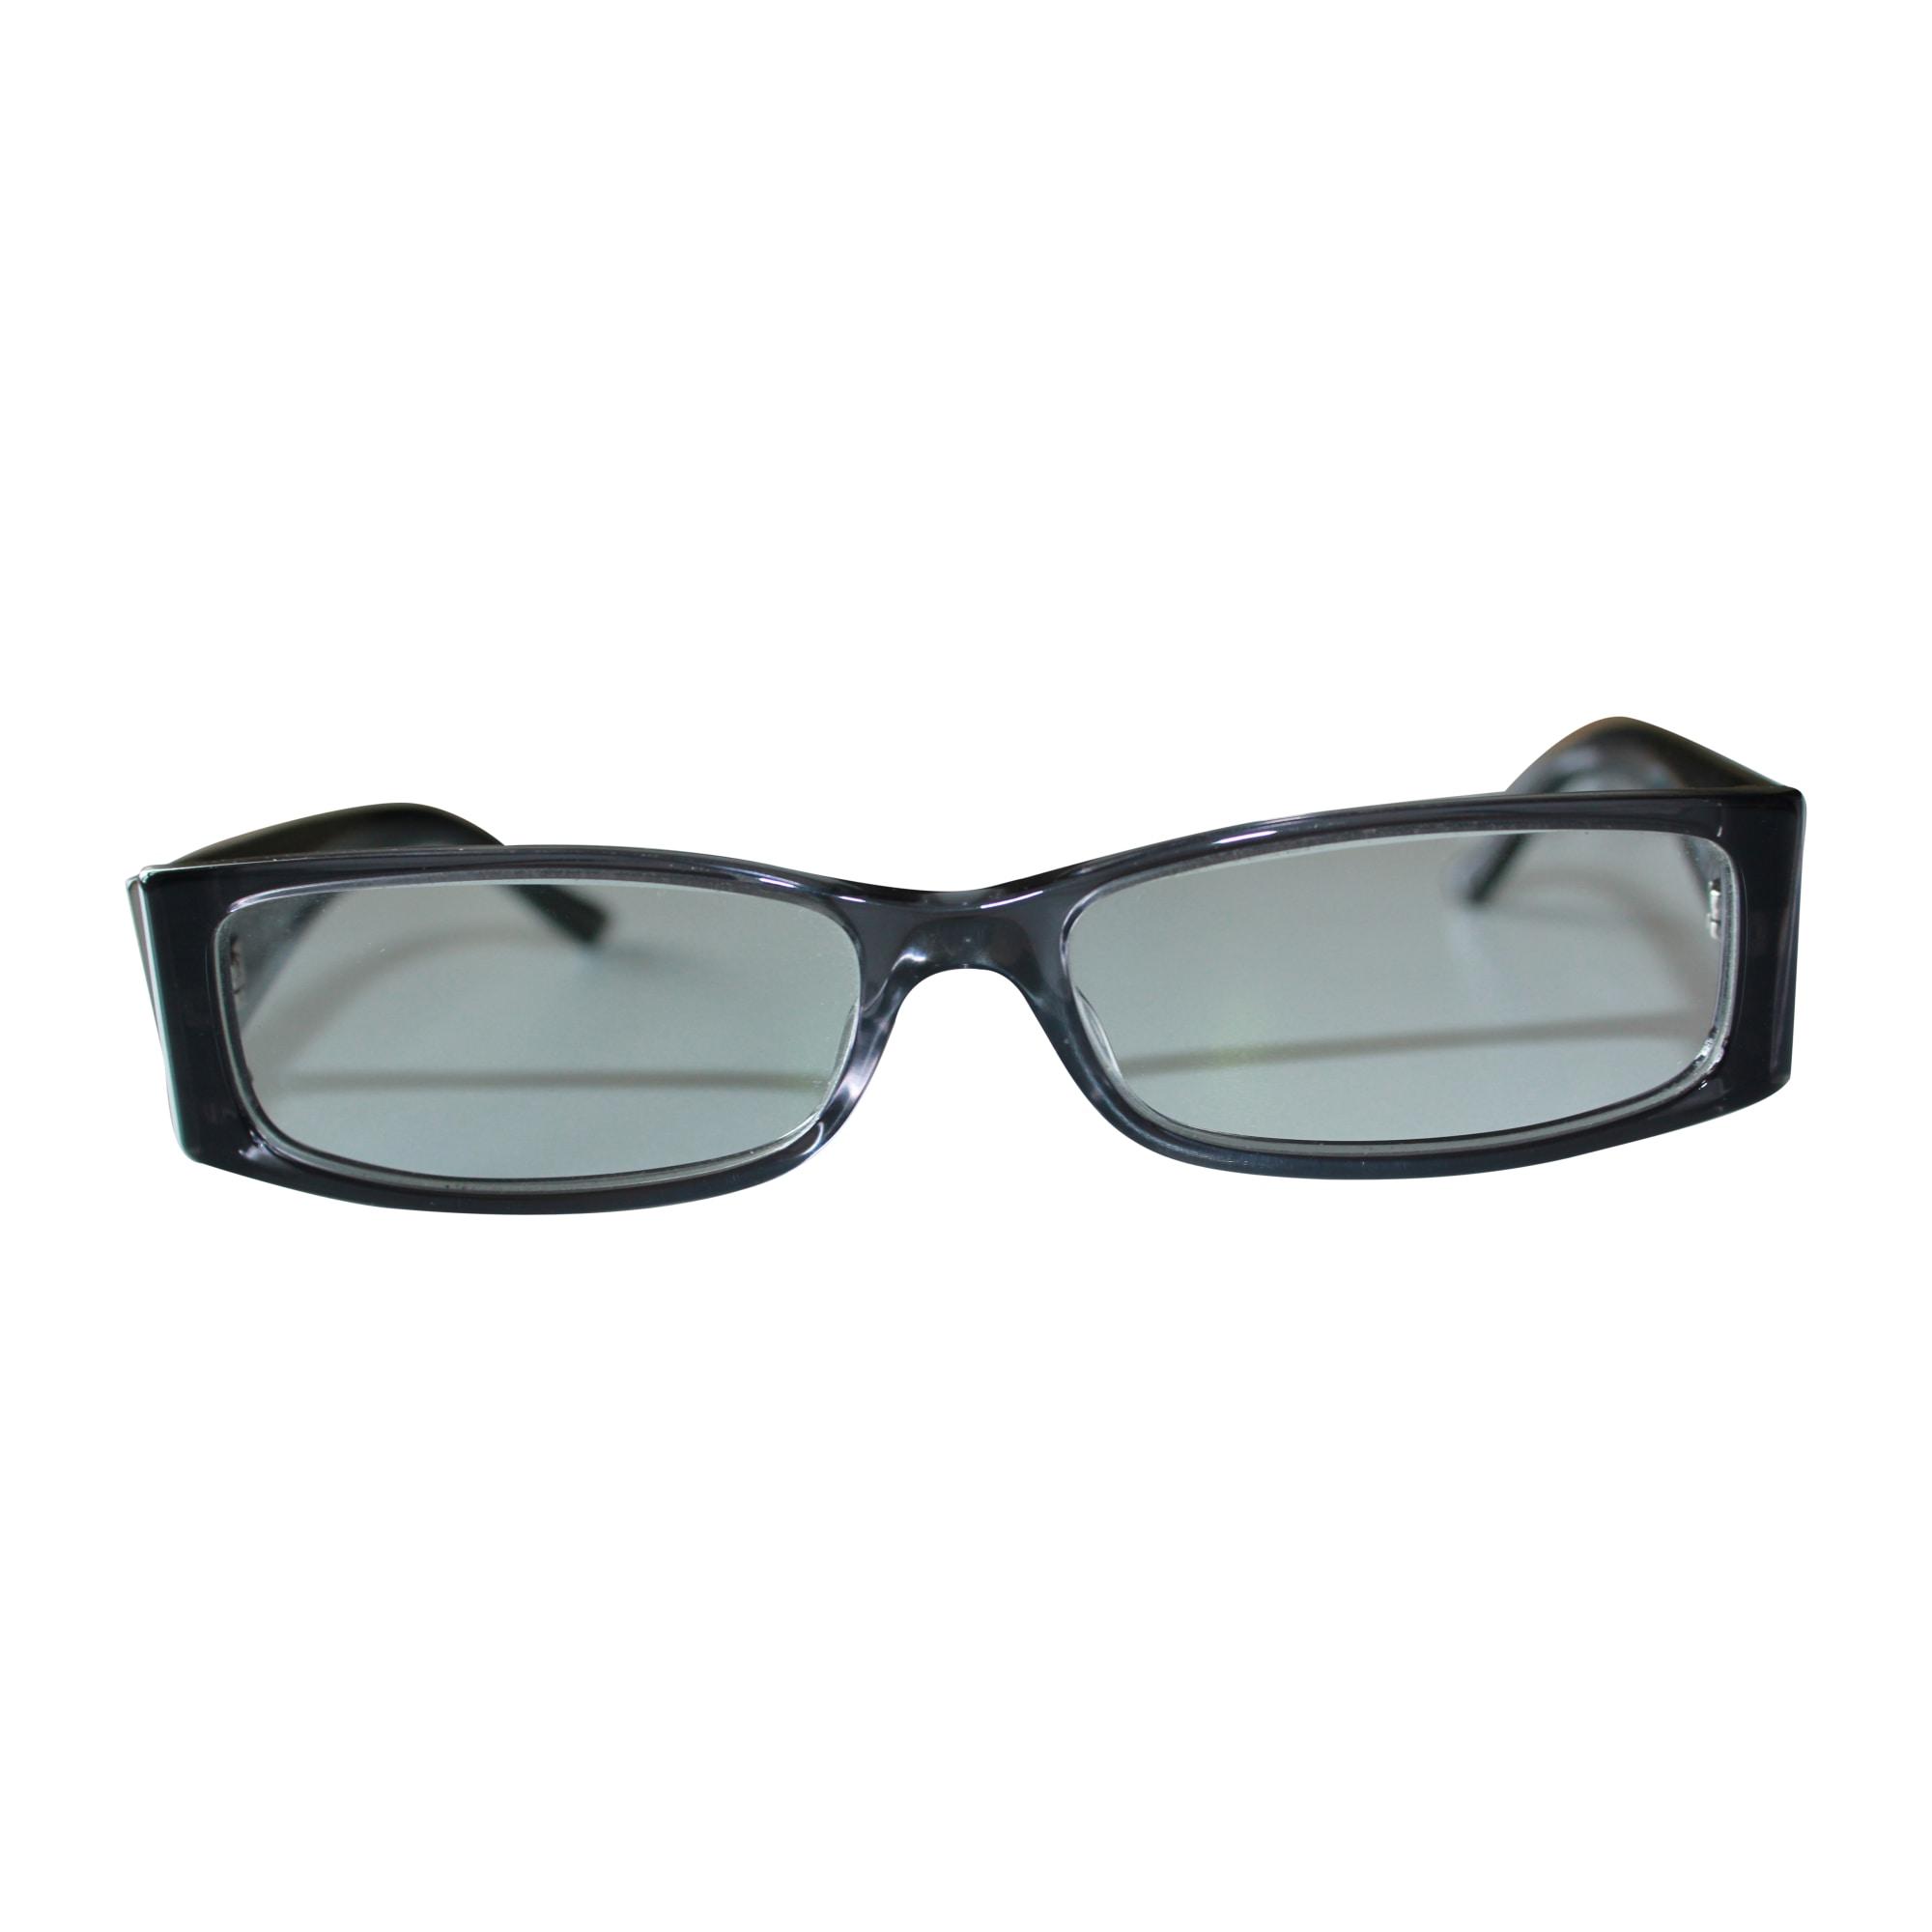 Monture de lunettes DIOR gris vendu par Jordane 4297437 - 1256649 32fc995b74db